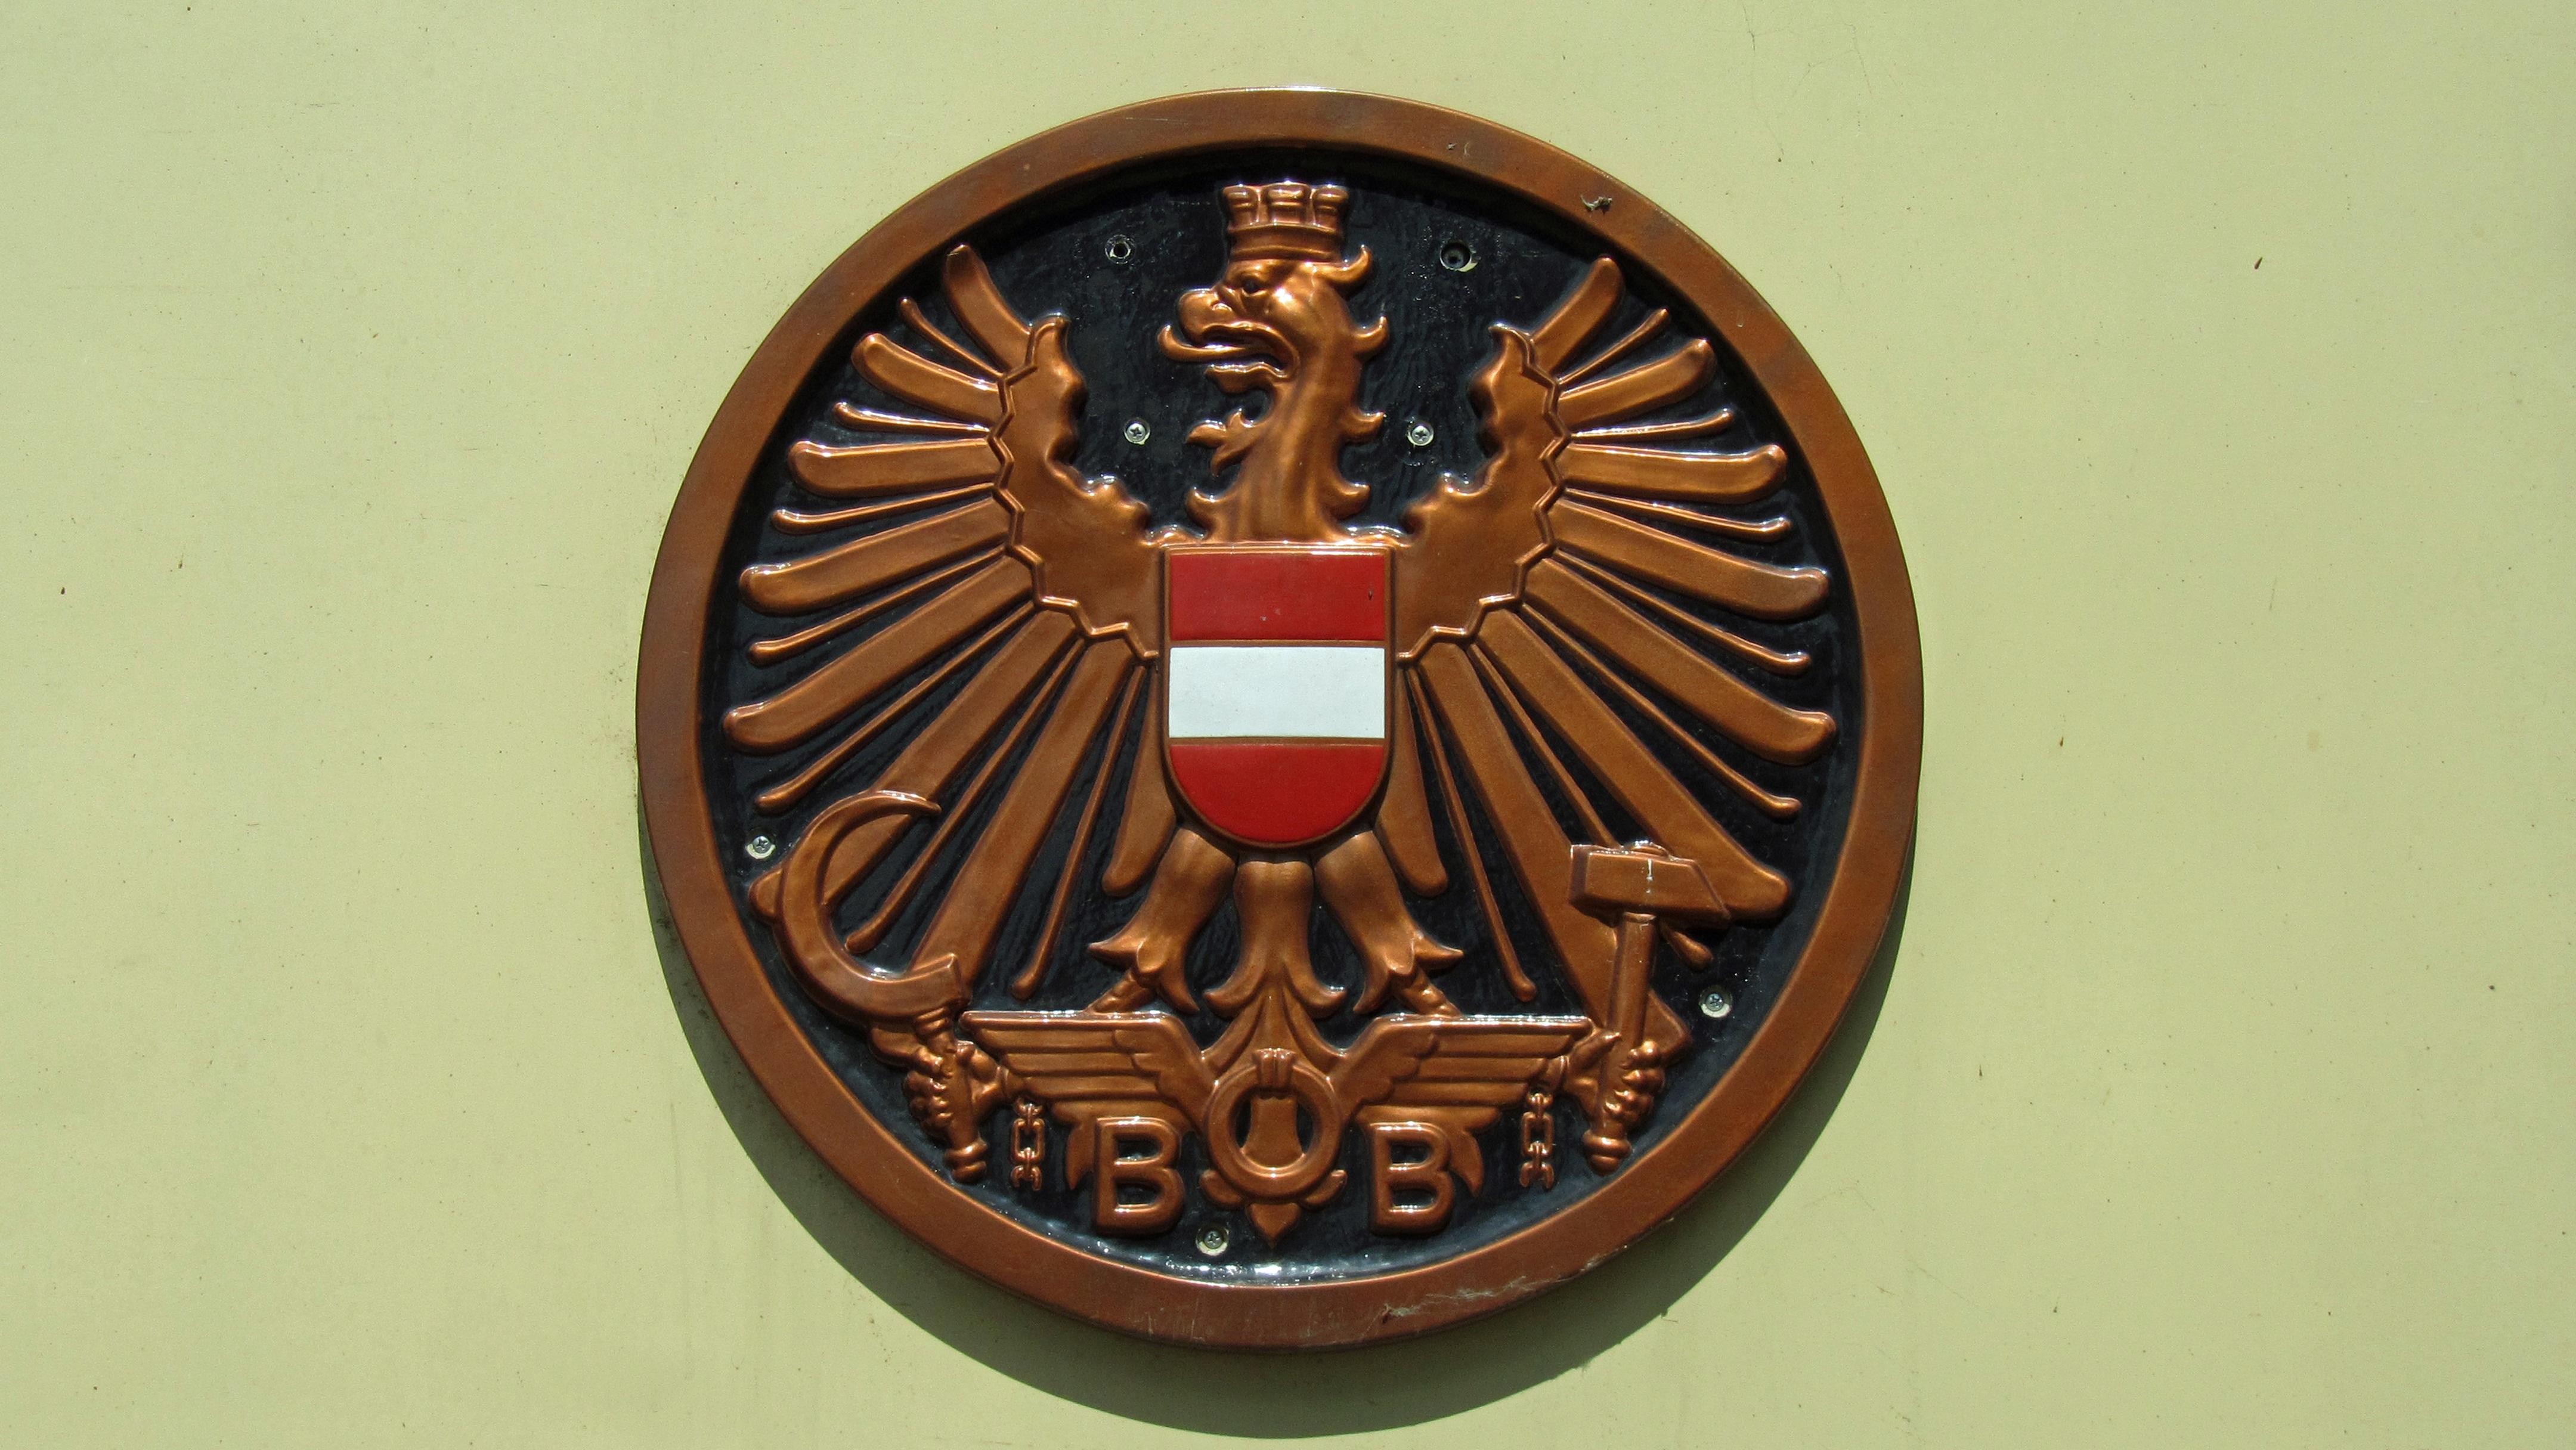 Ferrovia Orologio Vecchio Simbolo Intaglio Medaglia Premio Aquila Bb Segno